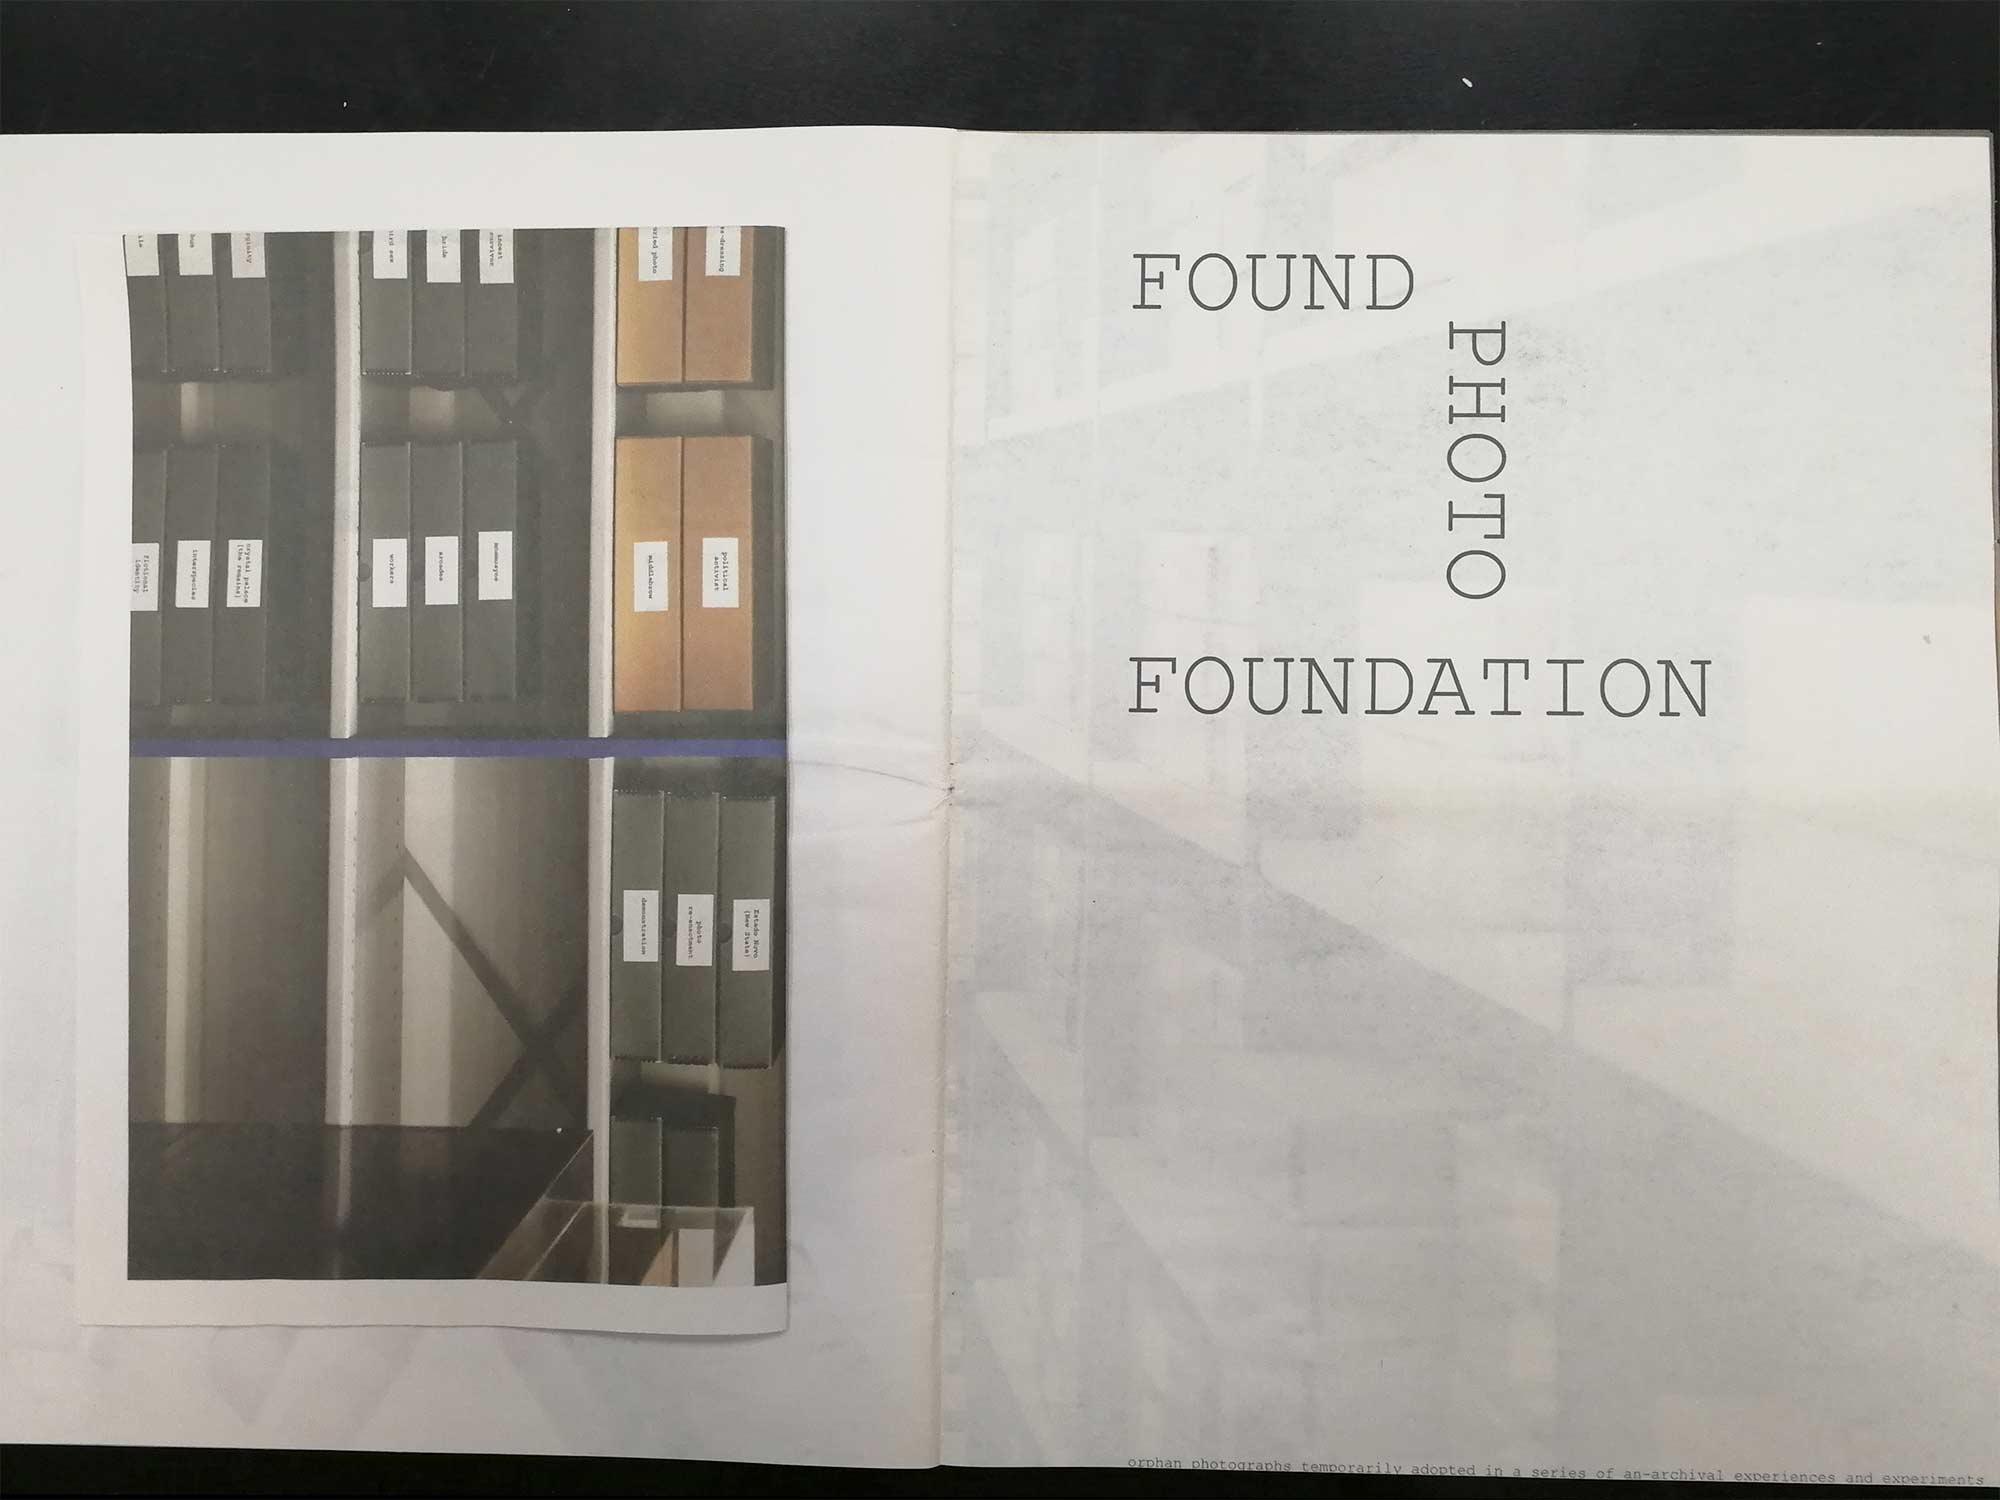 found-photo-foundation-newspaperwork-11